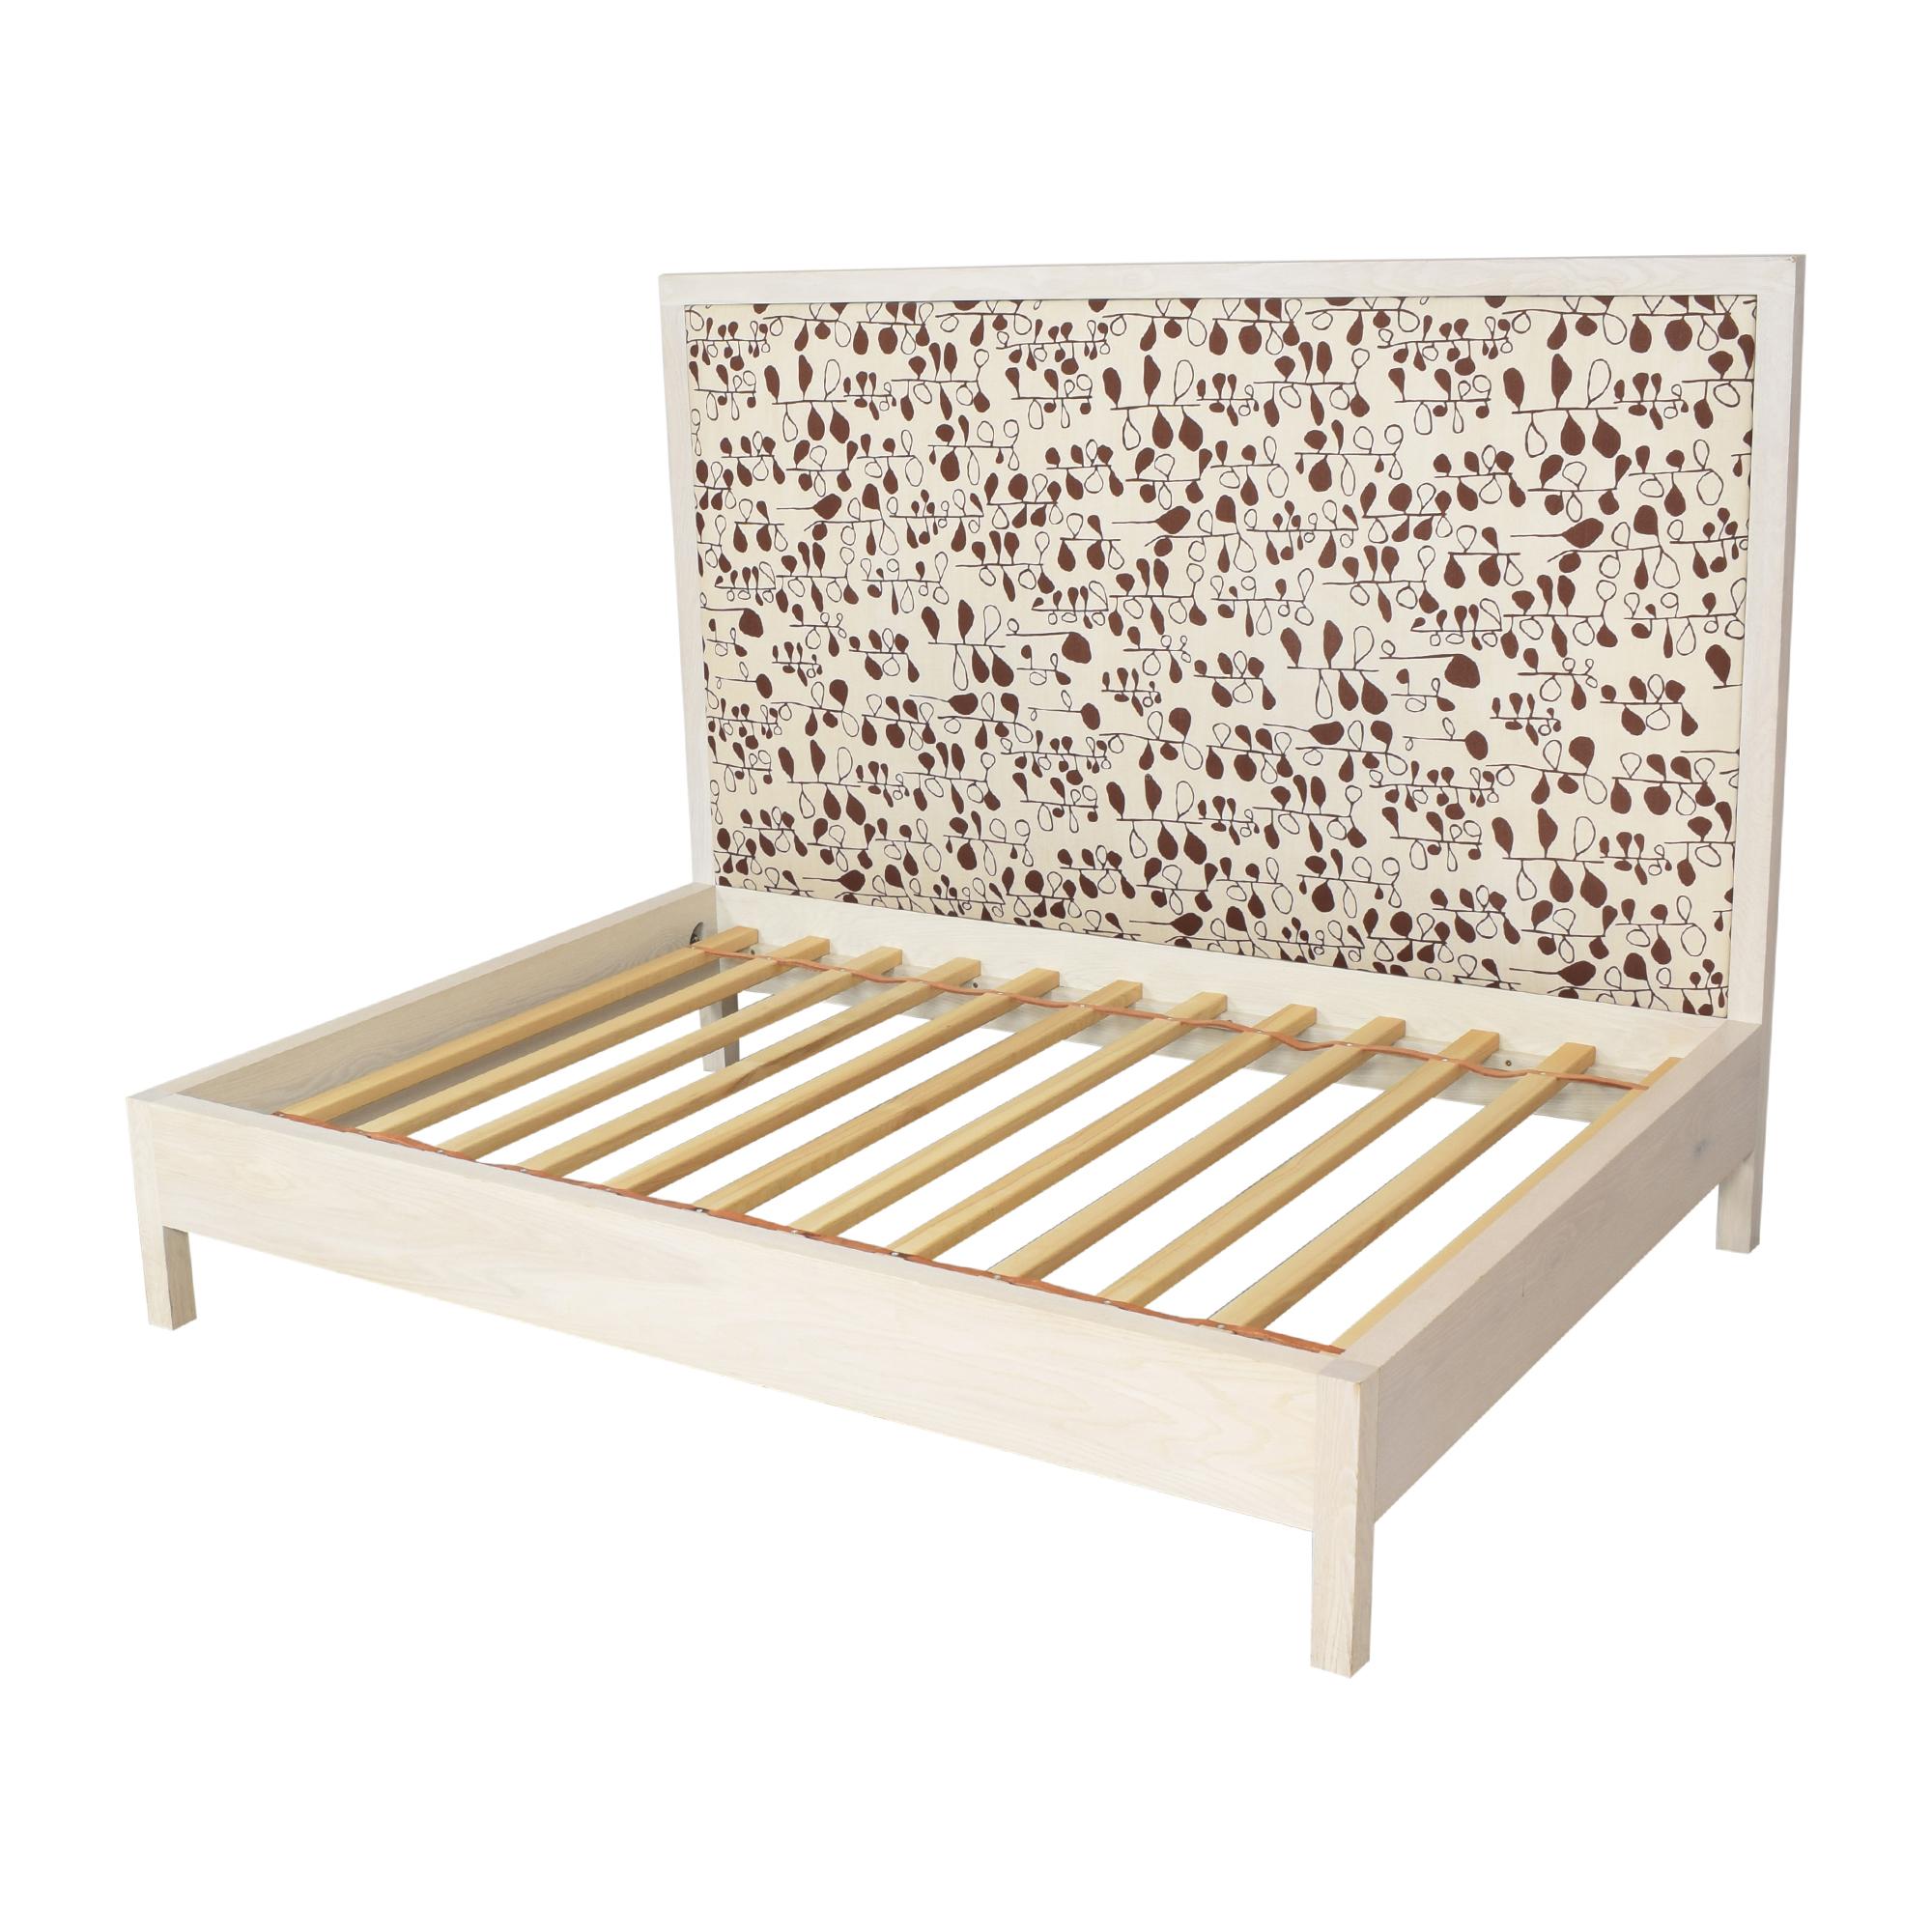 buy BDDW Mills Full Bed BDDW Beds